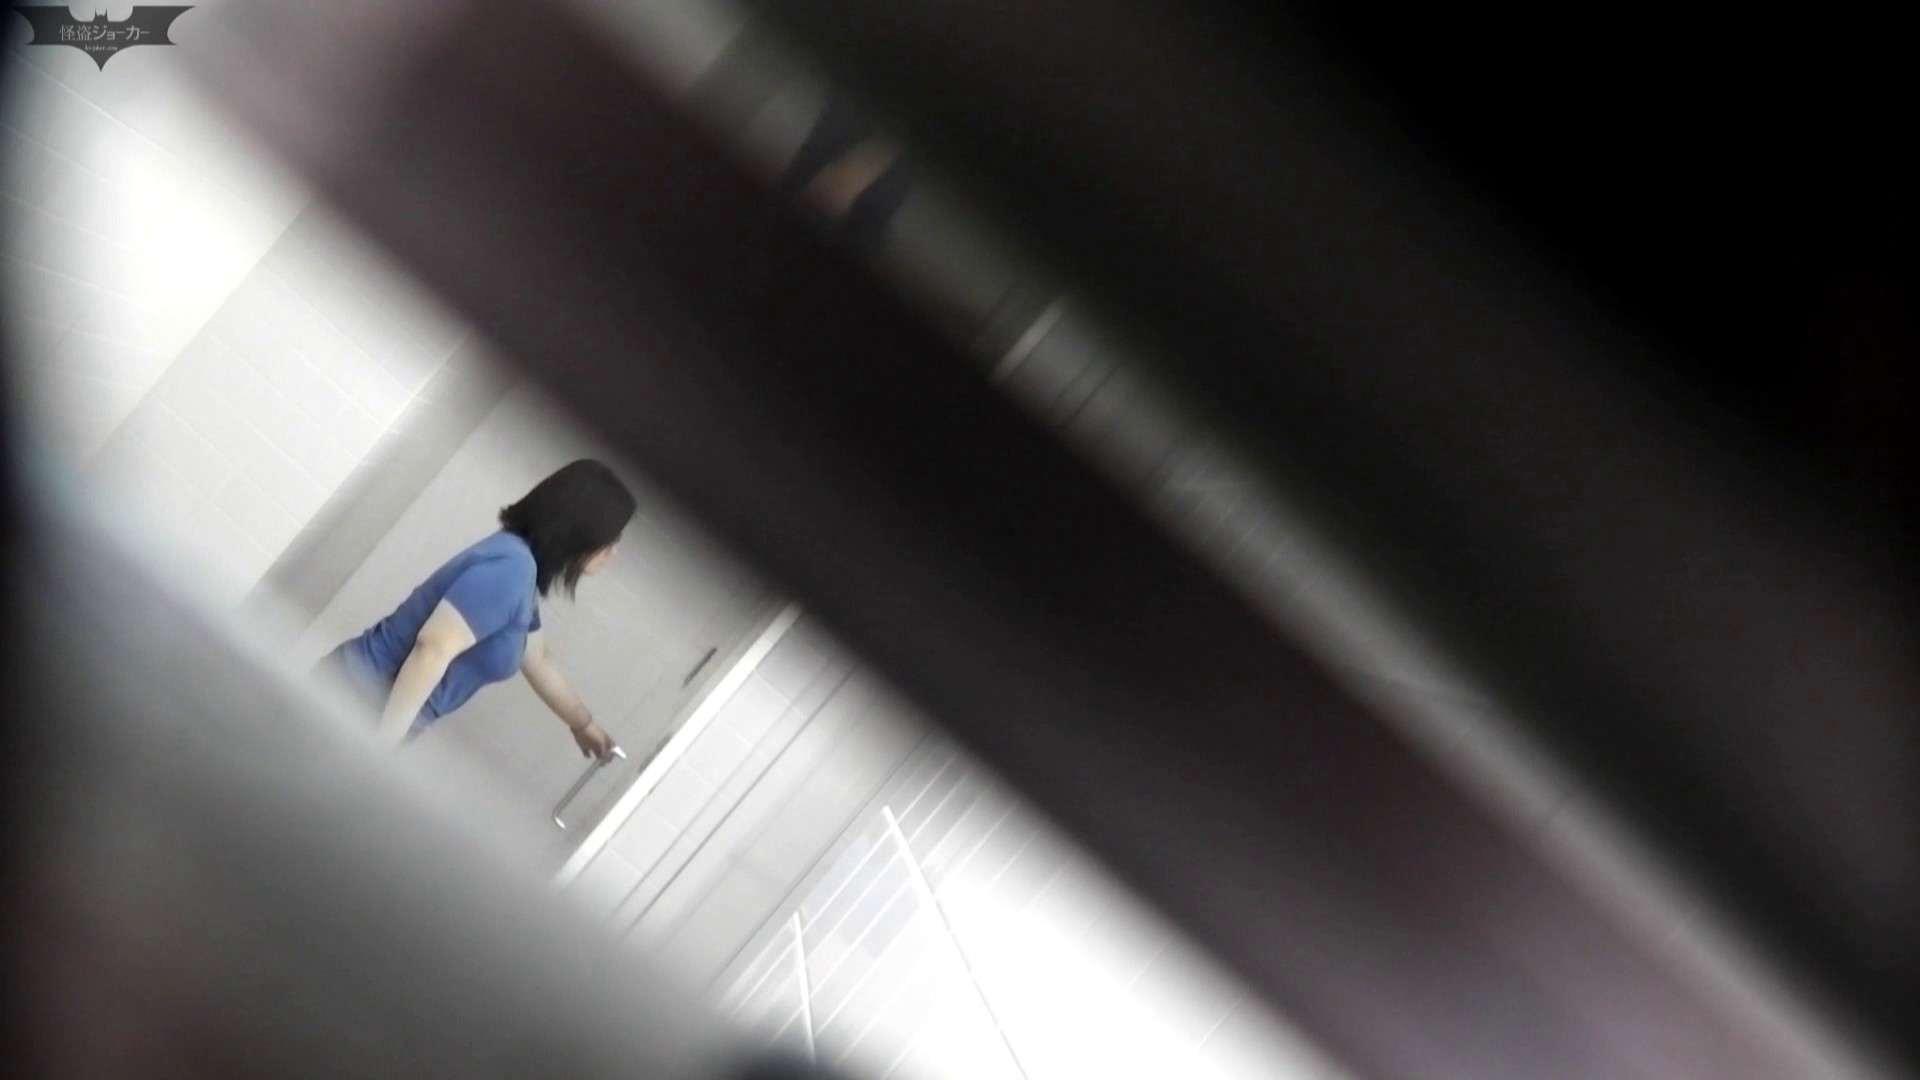 お銀 vol.68 無謀に通路に飛び出て一番明るいフロント撮り実現、見所満載 色っぽいOL達 AV無料動画キャプチャ 105pic 80